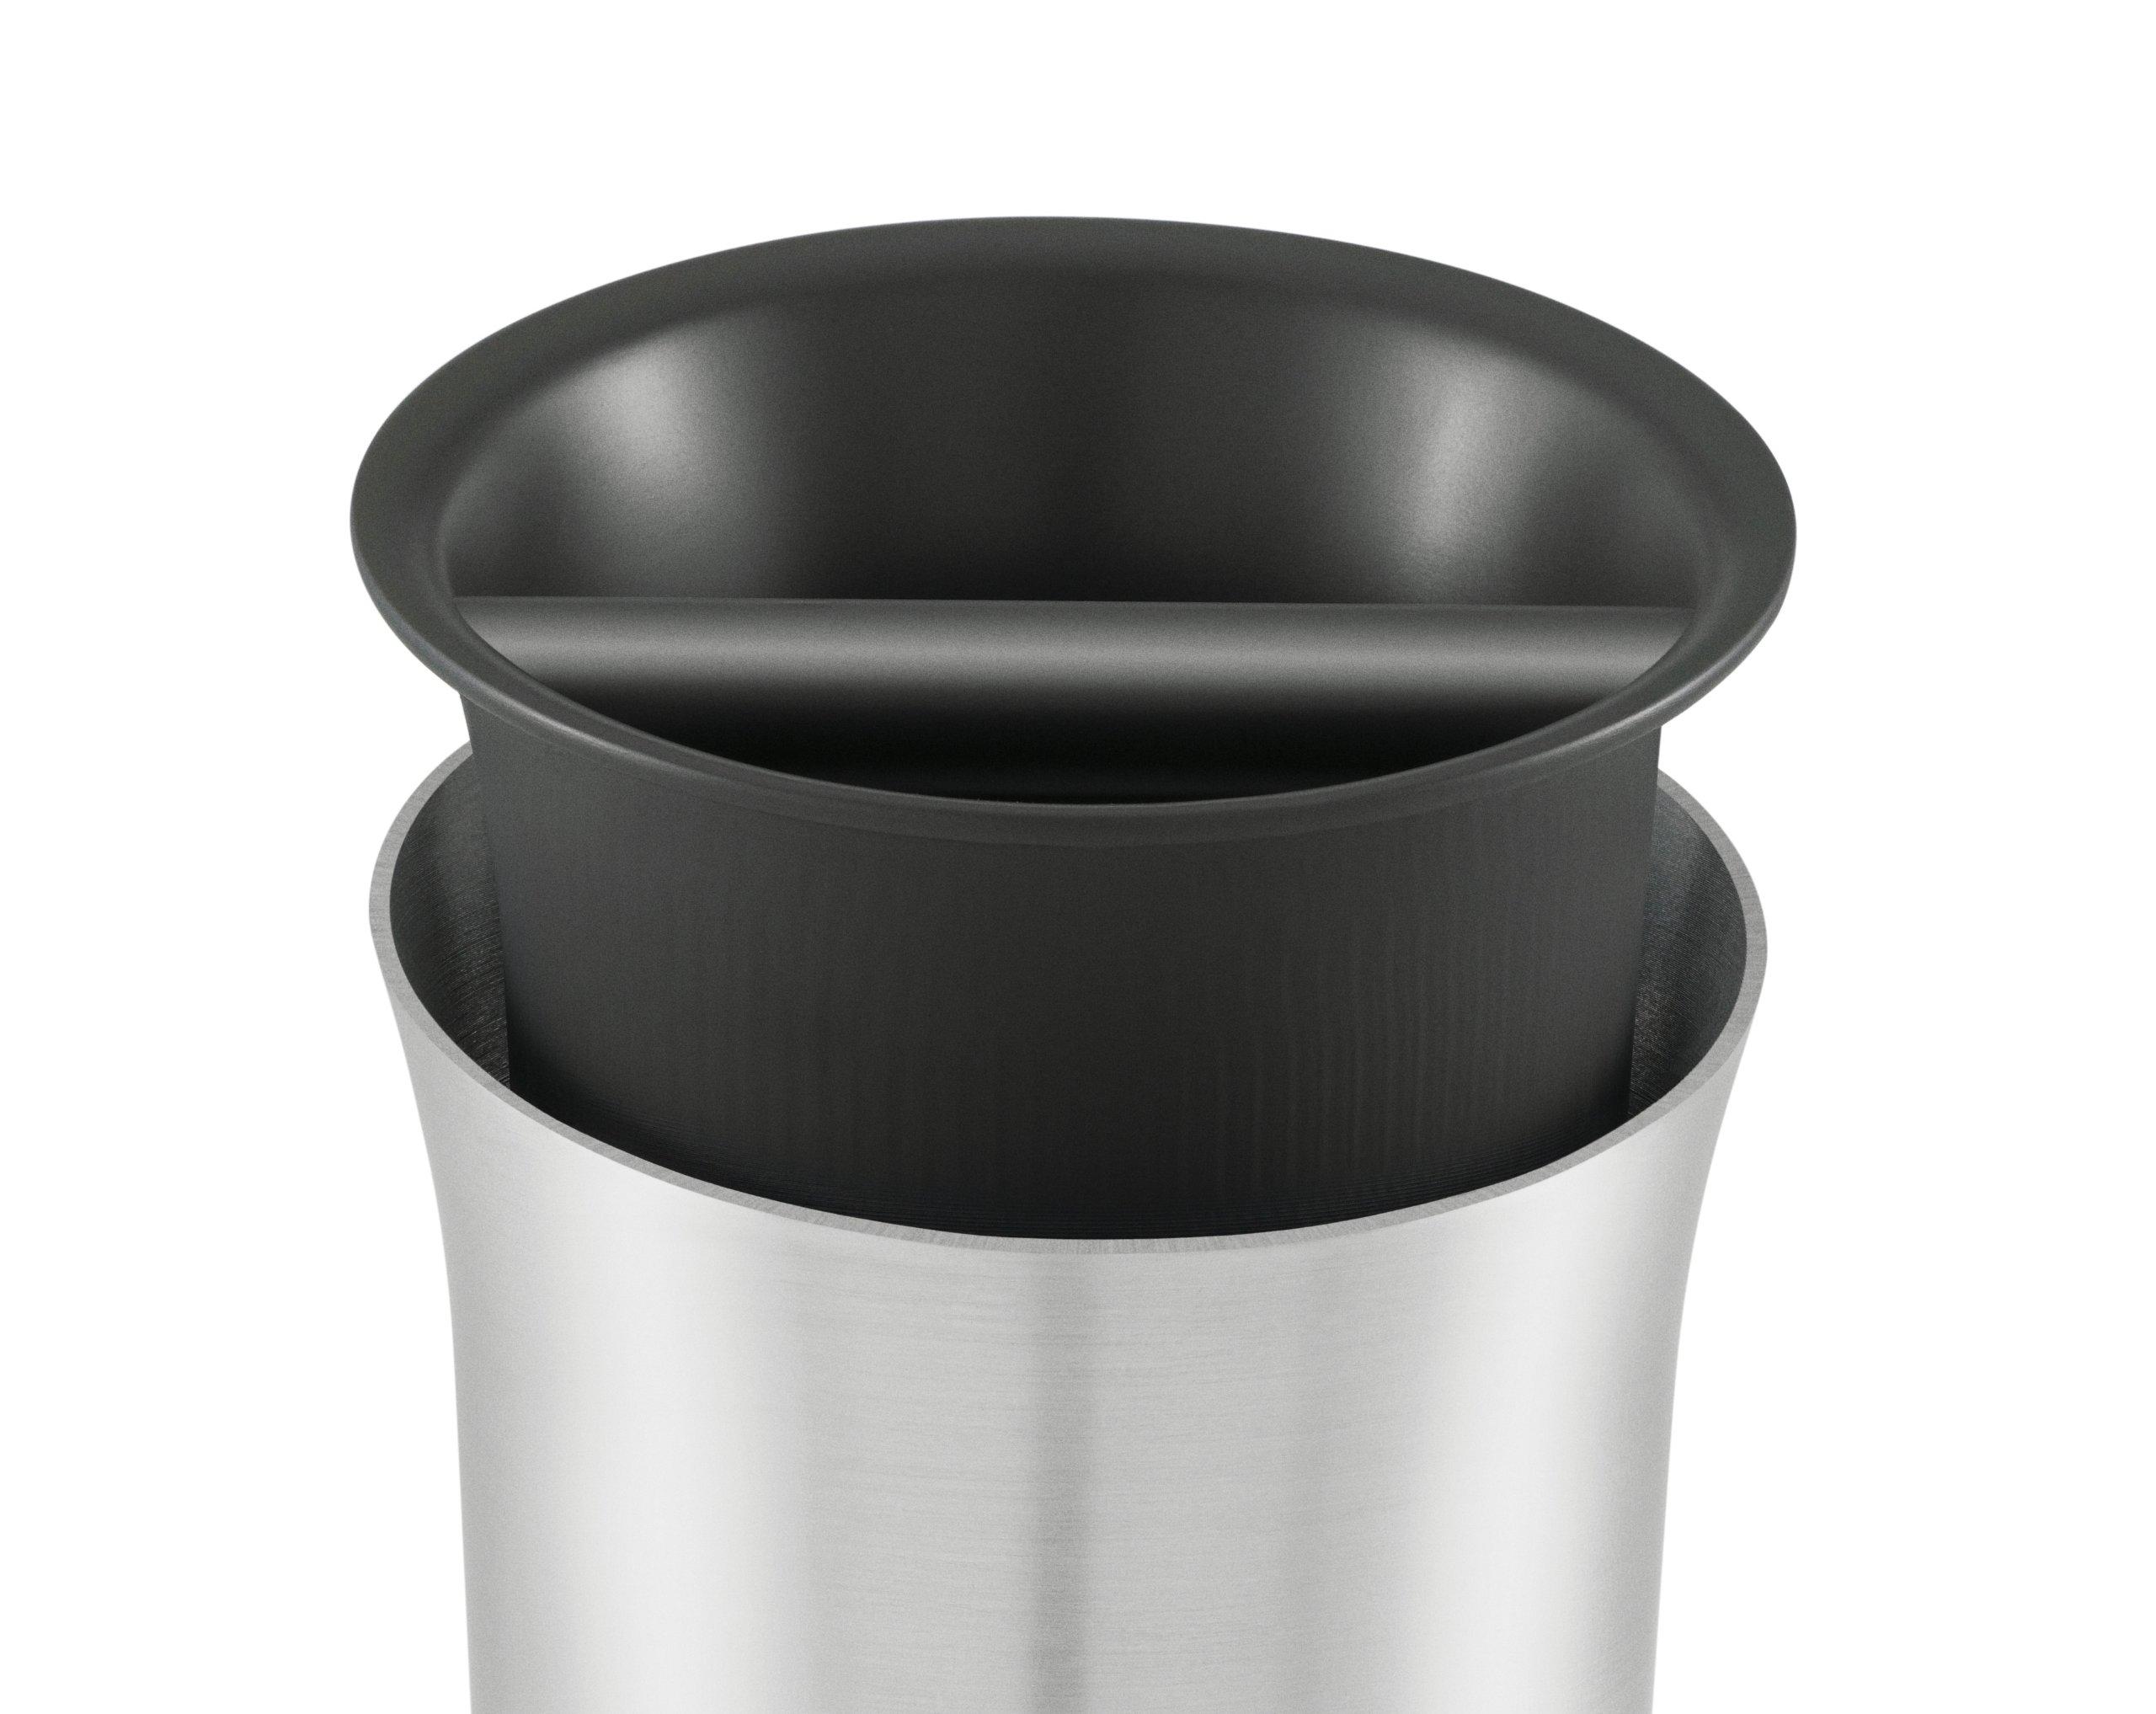 Breville Knocchi Espresso Knock Box